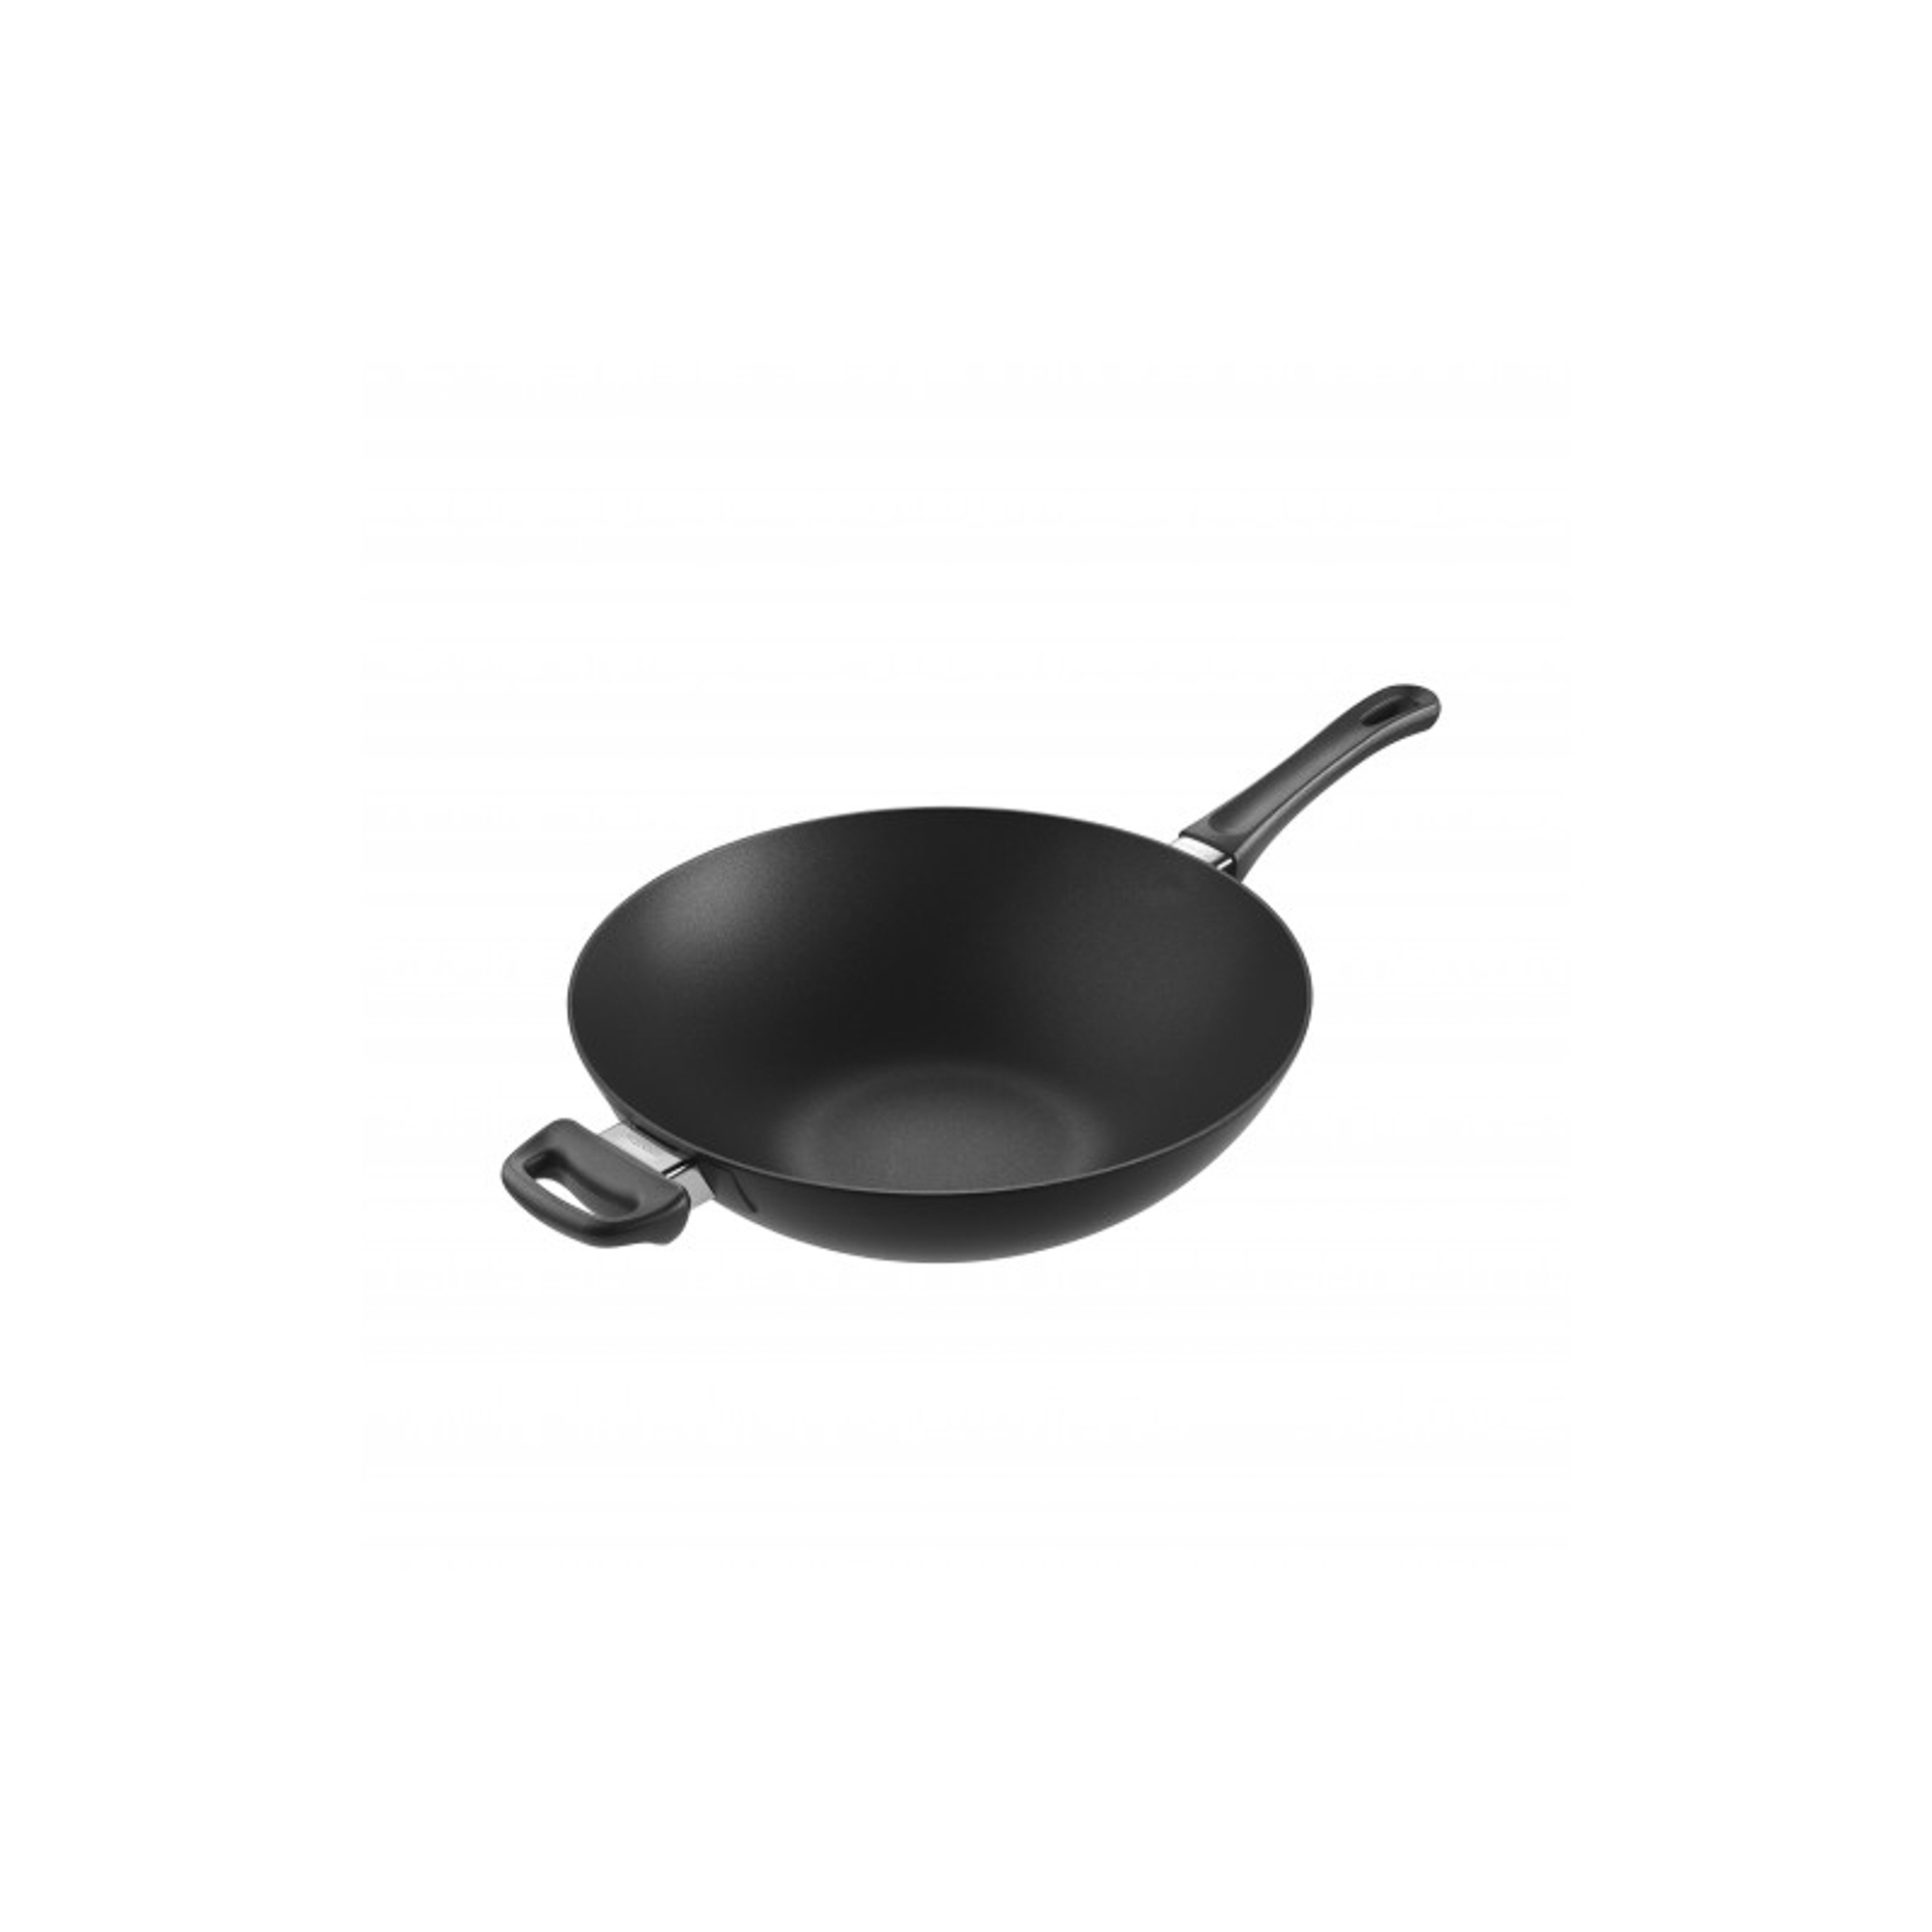 Сковорода-вок Scanpan Classic Induction 32 см сковорода scanpan classic induction 20 см